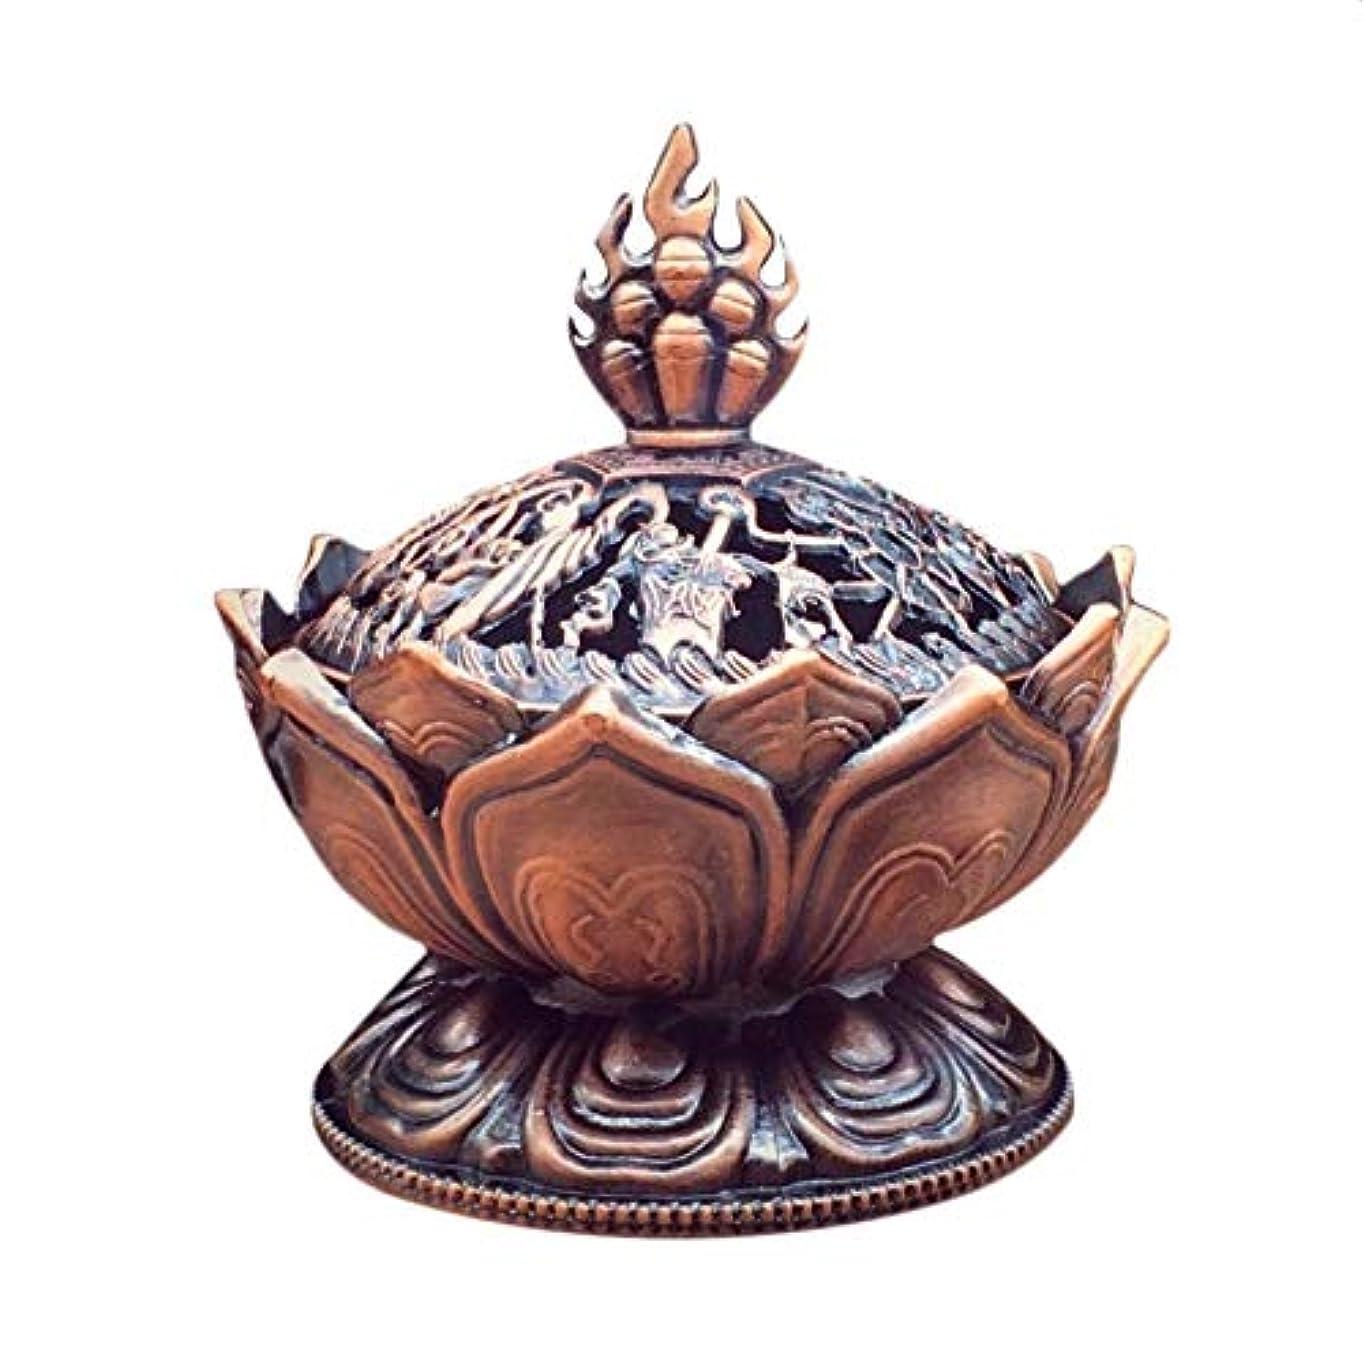 する弁護ペッカディロチベットロータス合金ブロンズミニ香炉メタルクラフトホームデコレーション